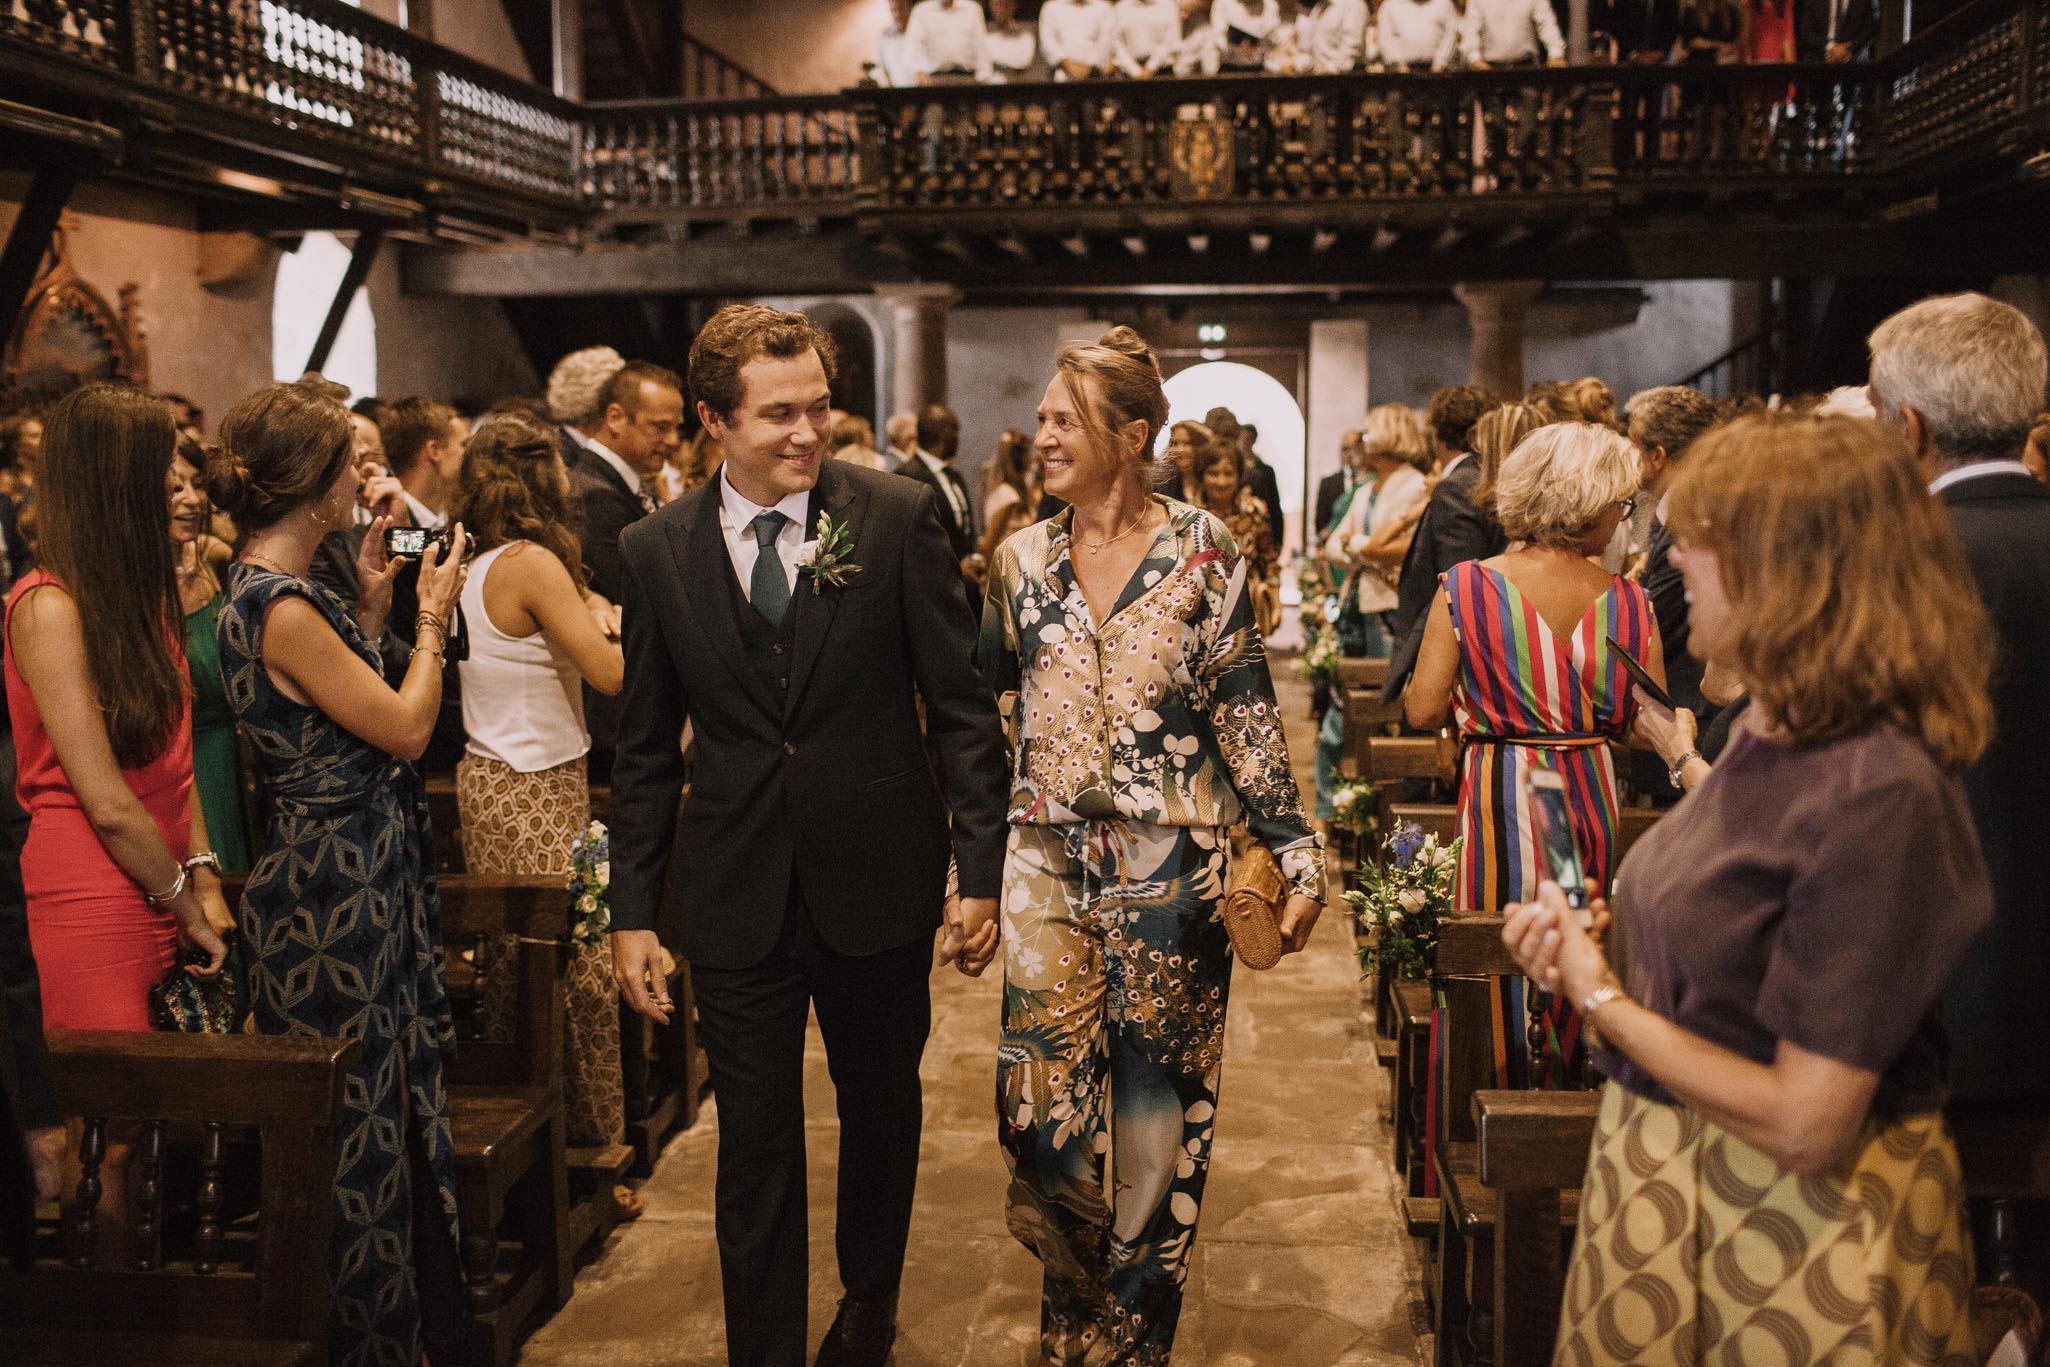 Photographe-mariage-bordeaux-jeremy-boyer-pays-basque-ihartze-artea-sare-robe-eleonore-pauc-couple-amour-56.jpg